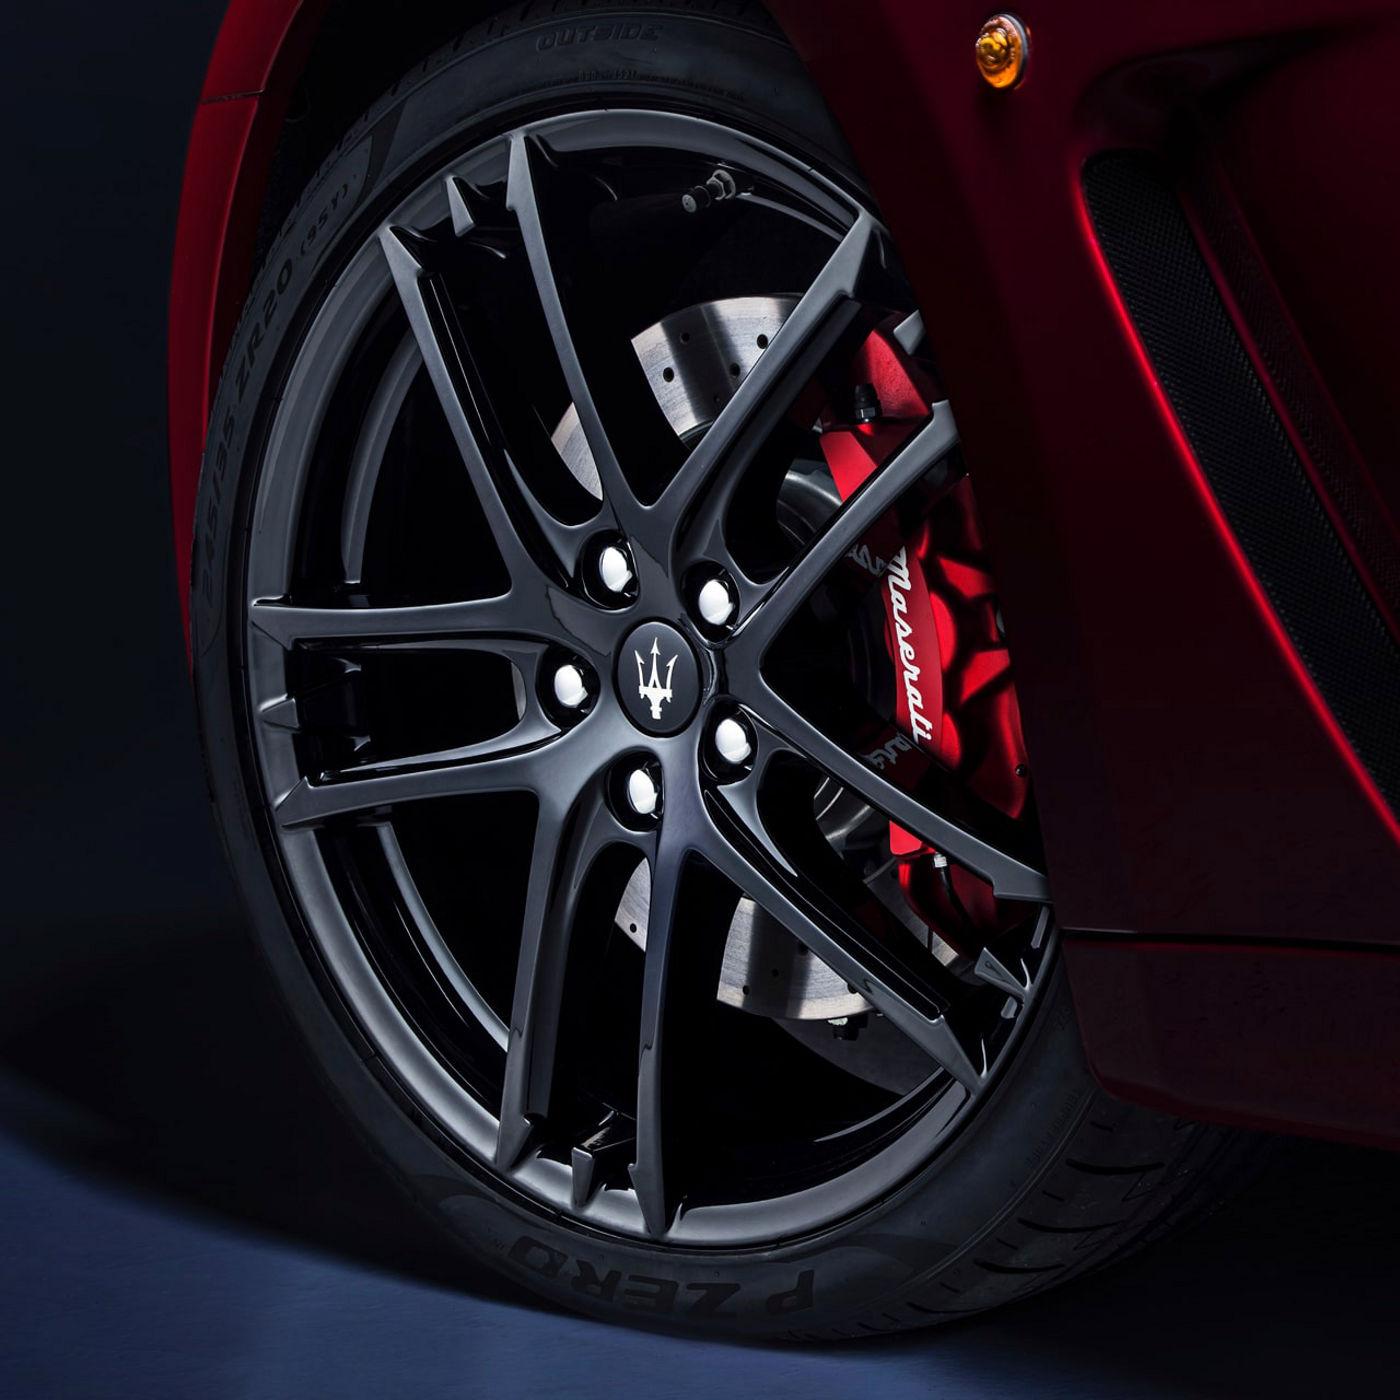 Maserati GranTurismo tyres and rims